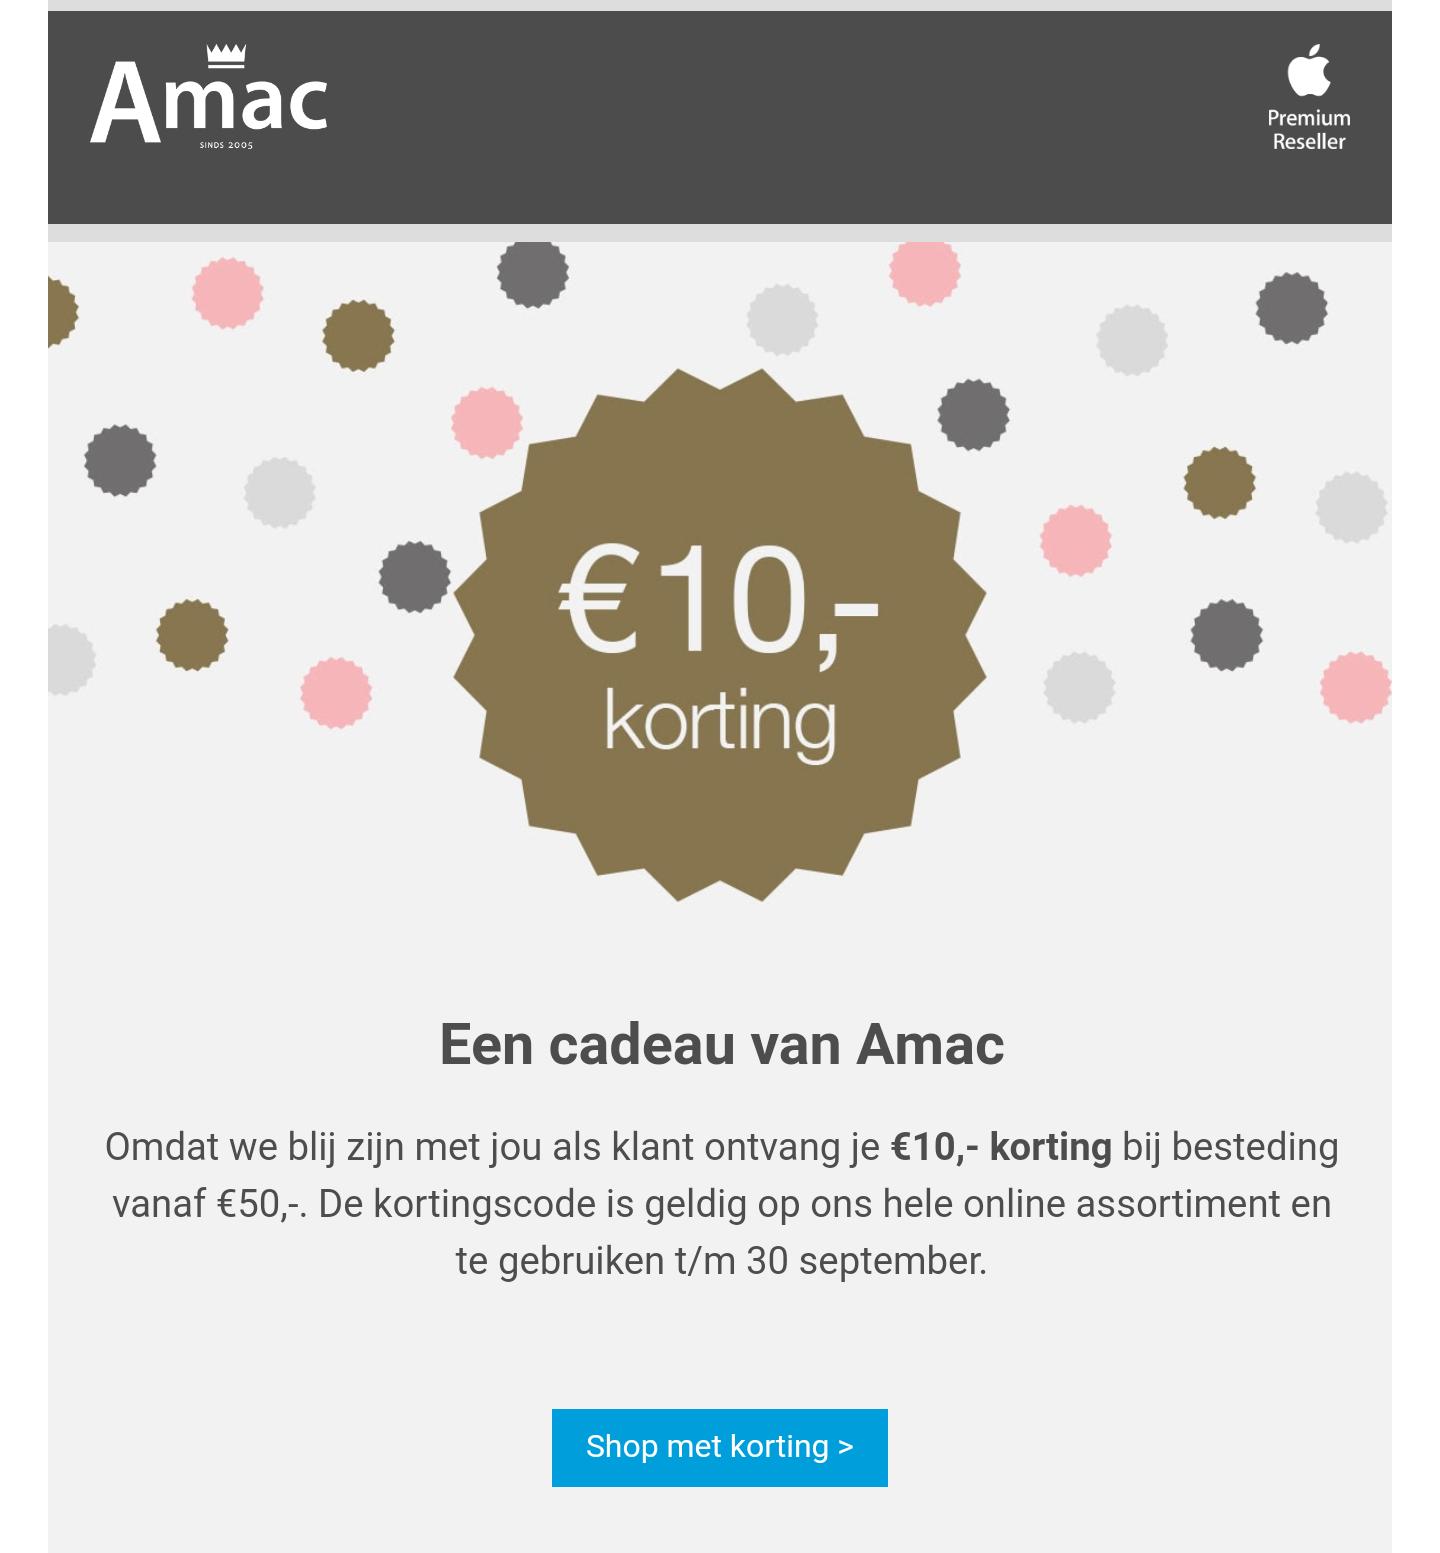 10,- korting bij besteding vanaf 50,- bij Amac